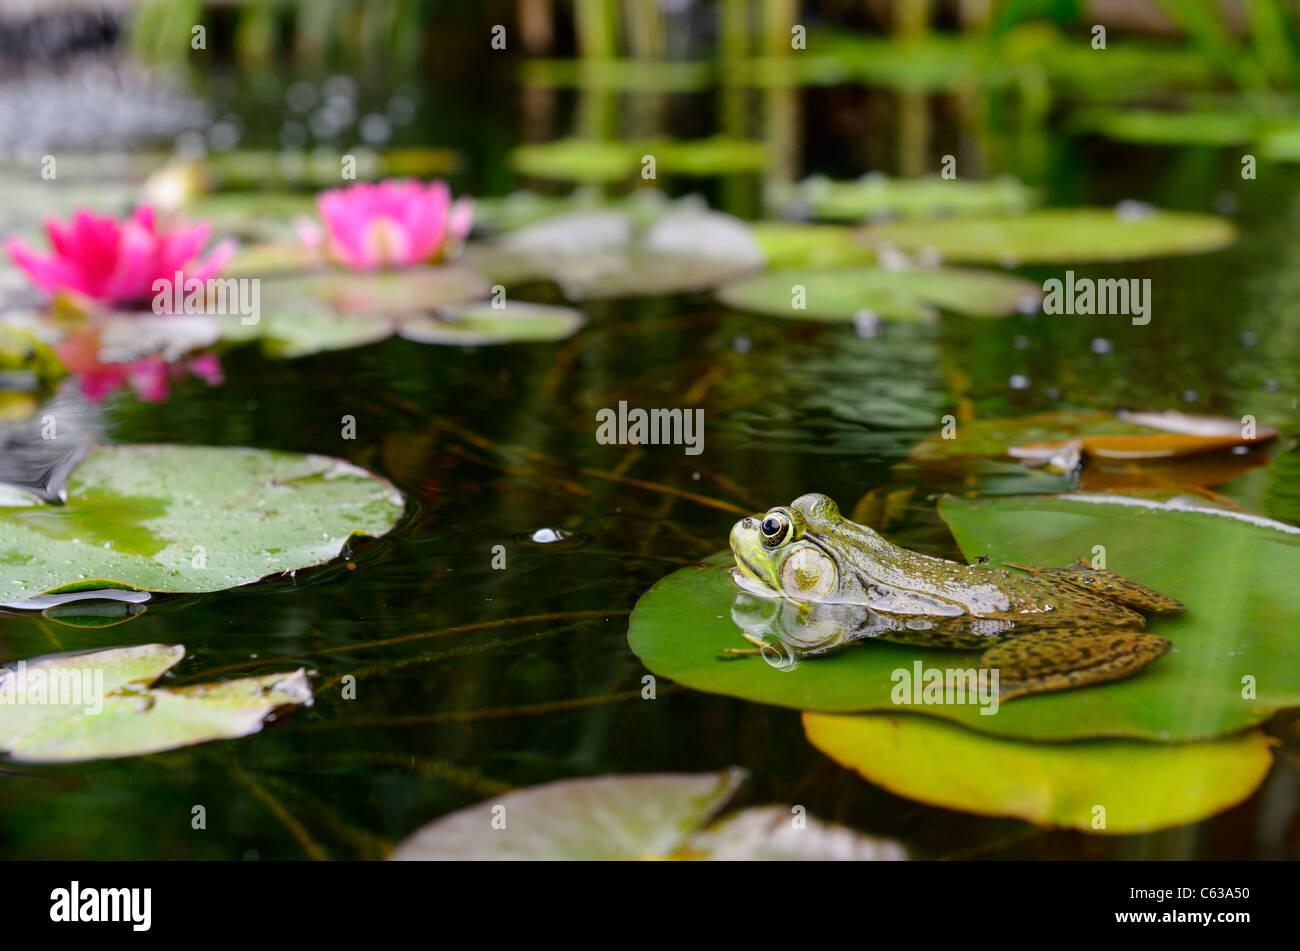 La grenouille verte flottant sur l'eau un nénuphar dans un étang avec des fleurs roses Photo Stock